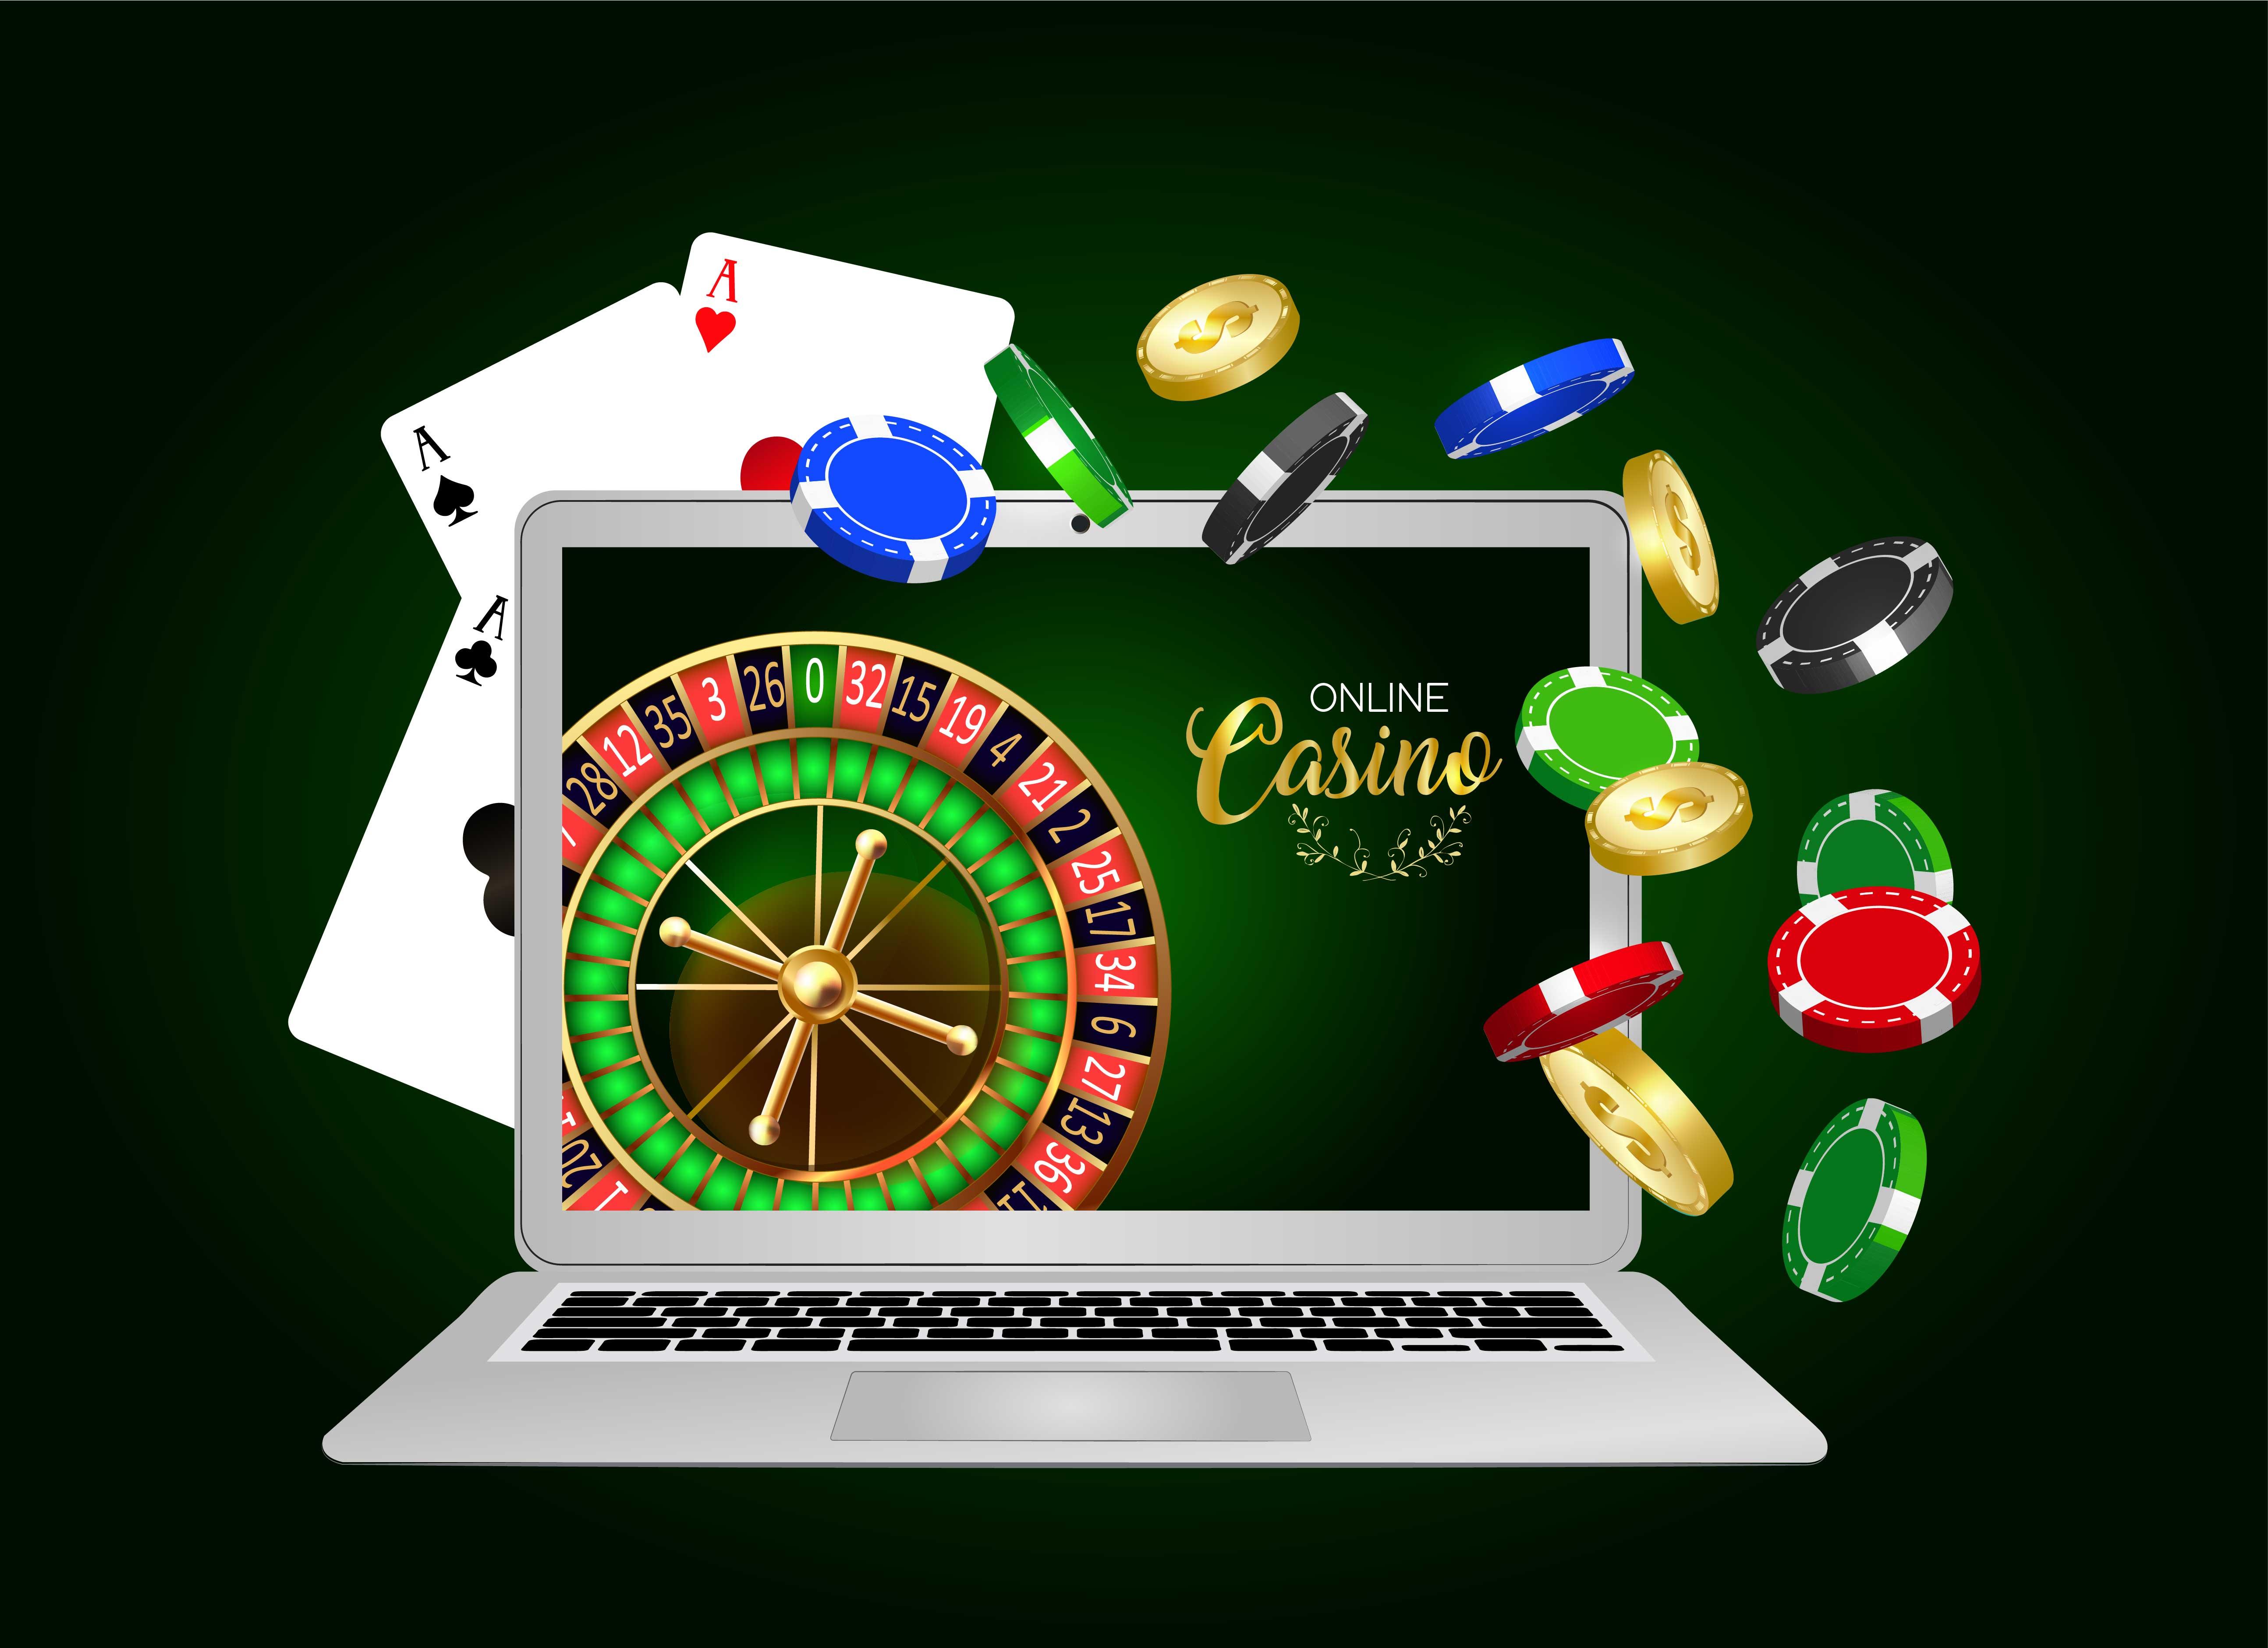 columbus обзор казино